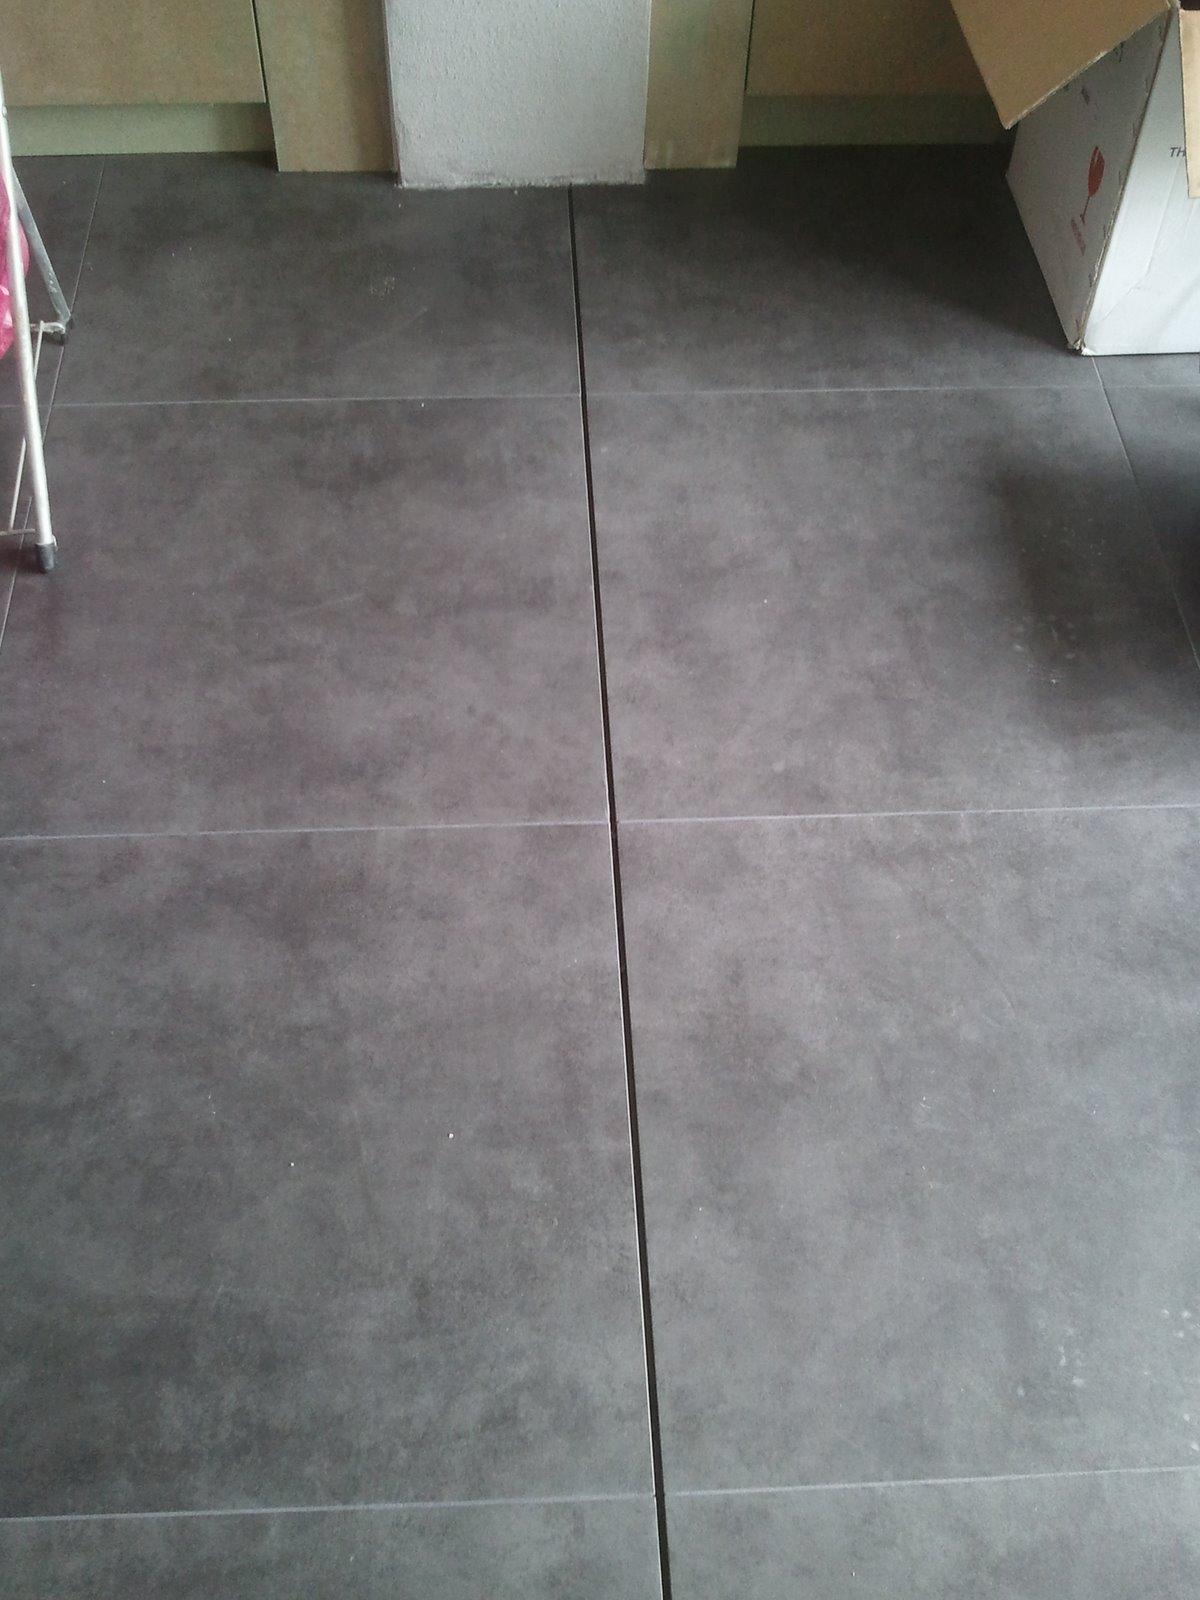 keuken tegels afkitten : Ons Huisje Dilatatievoeg Afgekit